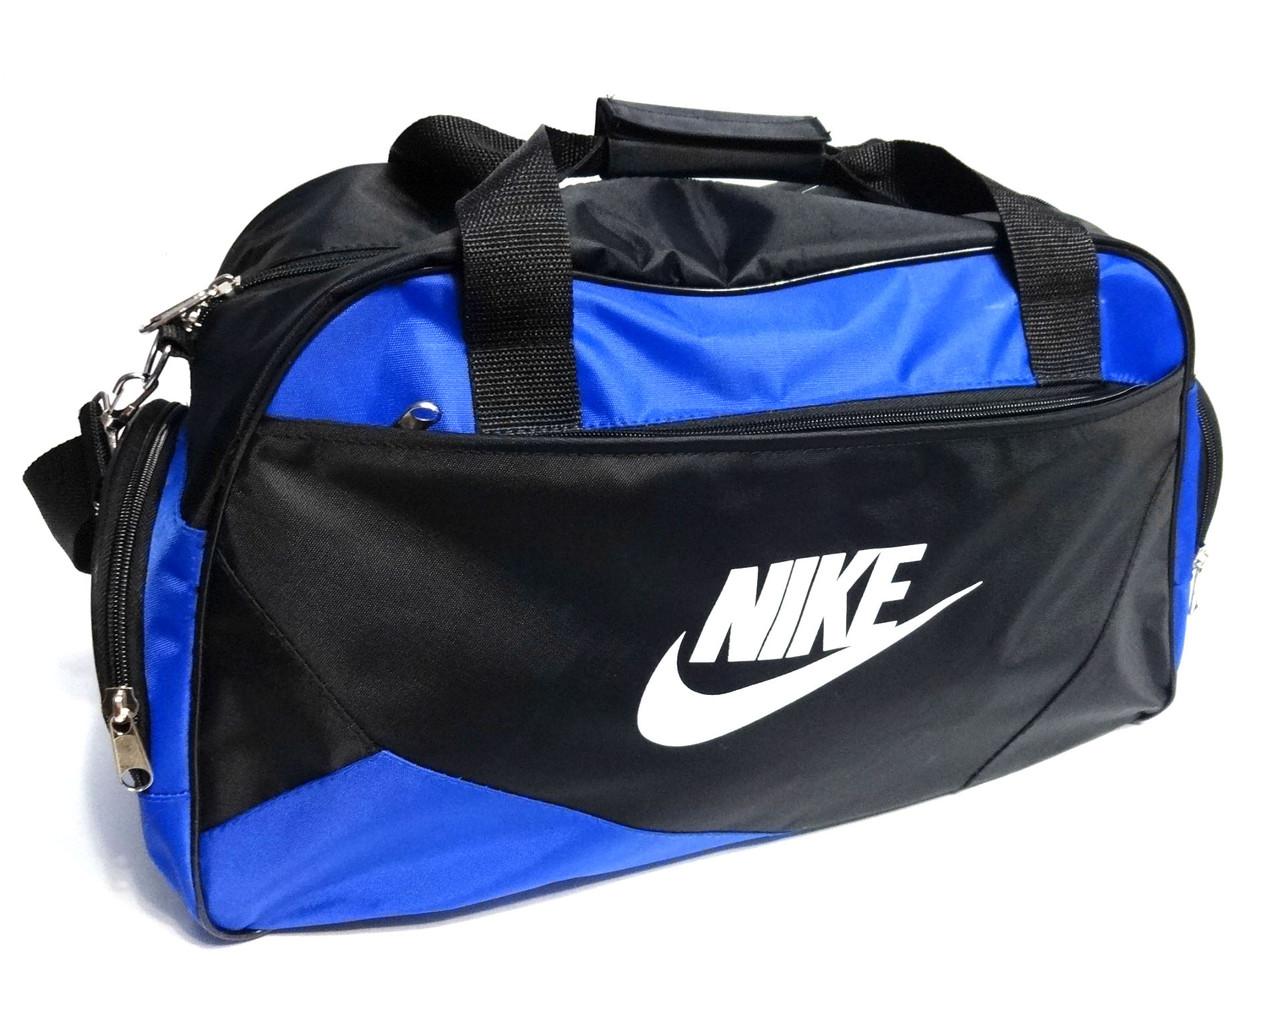 Спортивная сумка Nike (Найк) черная с голубым . 4 отделения реплика